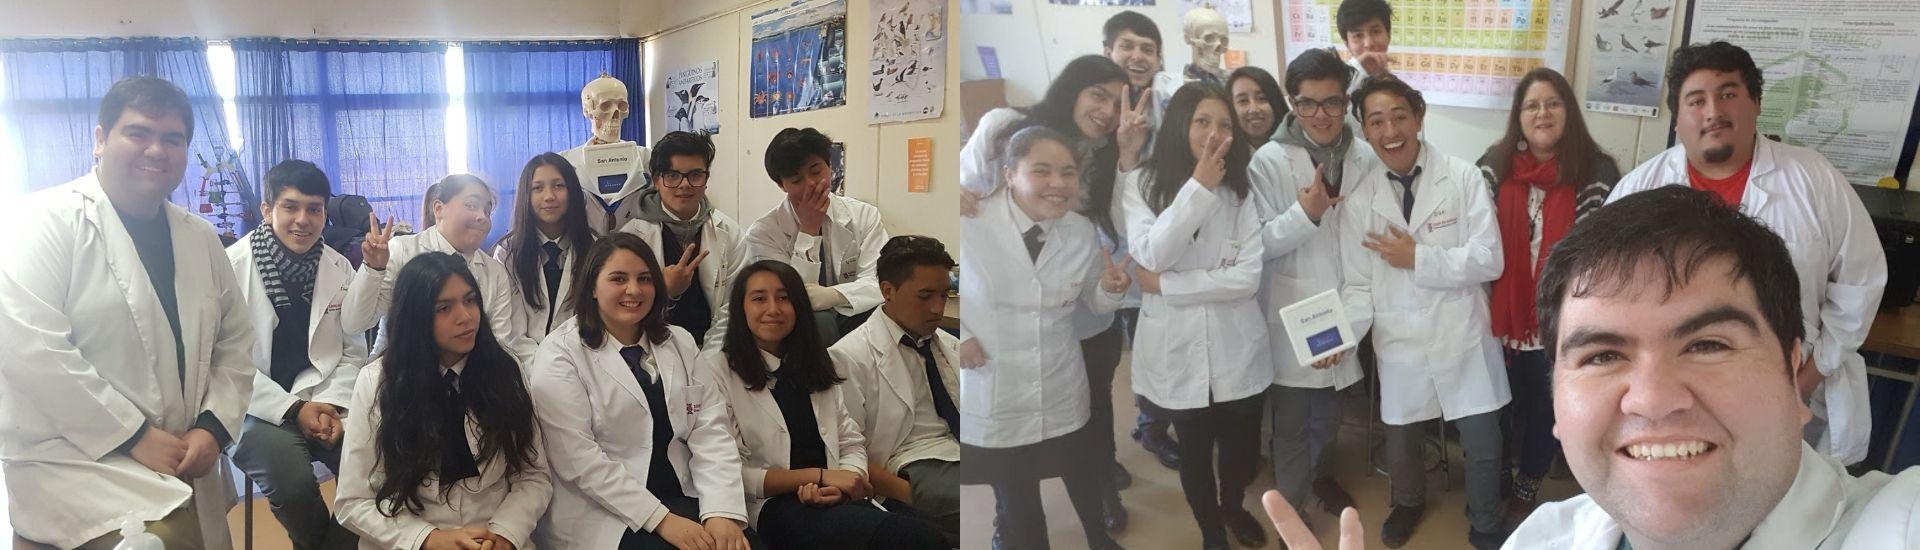 El profesor Pablo Malhue junto a sus estudiantes en un laboratorio de ciencias